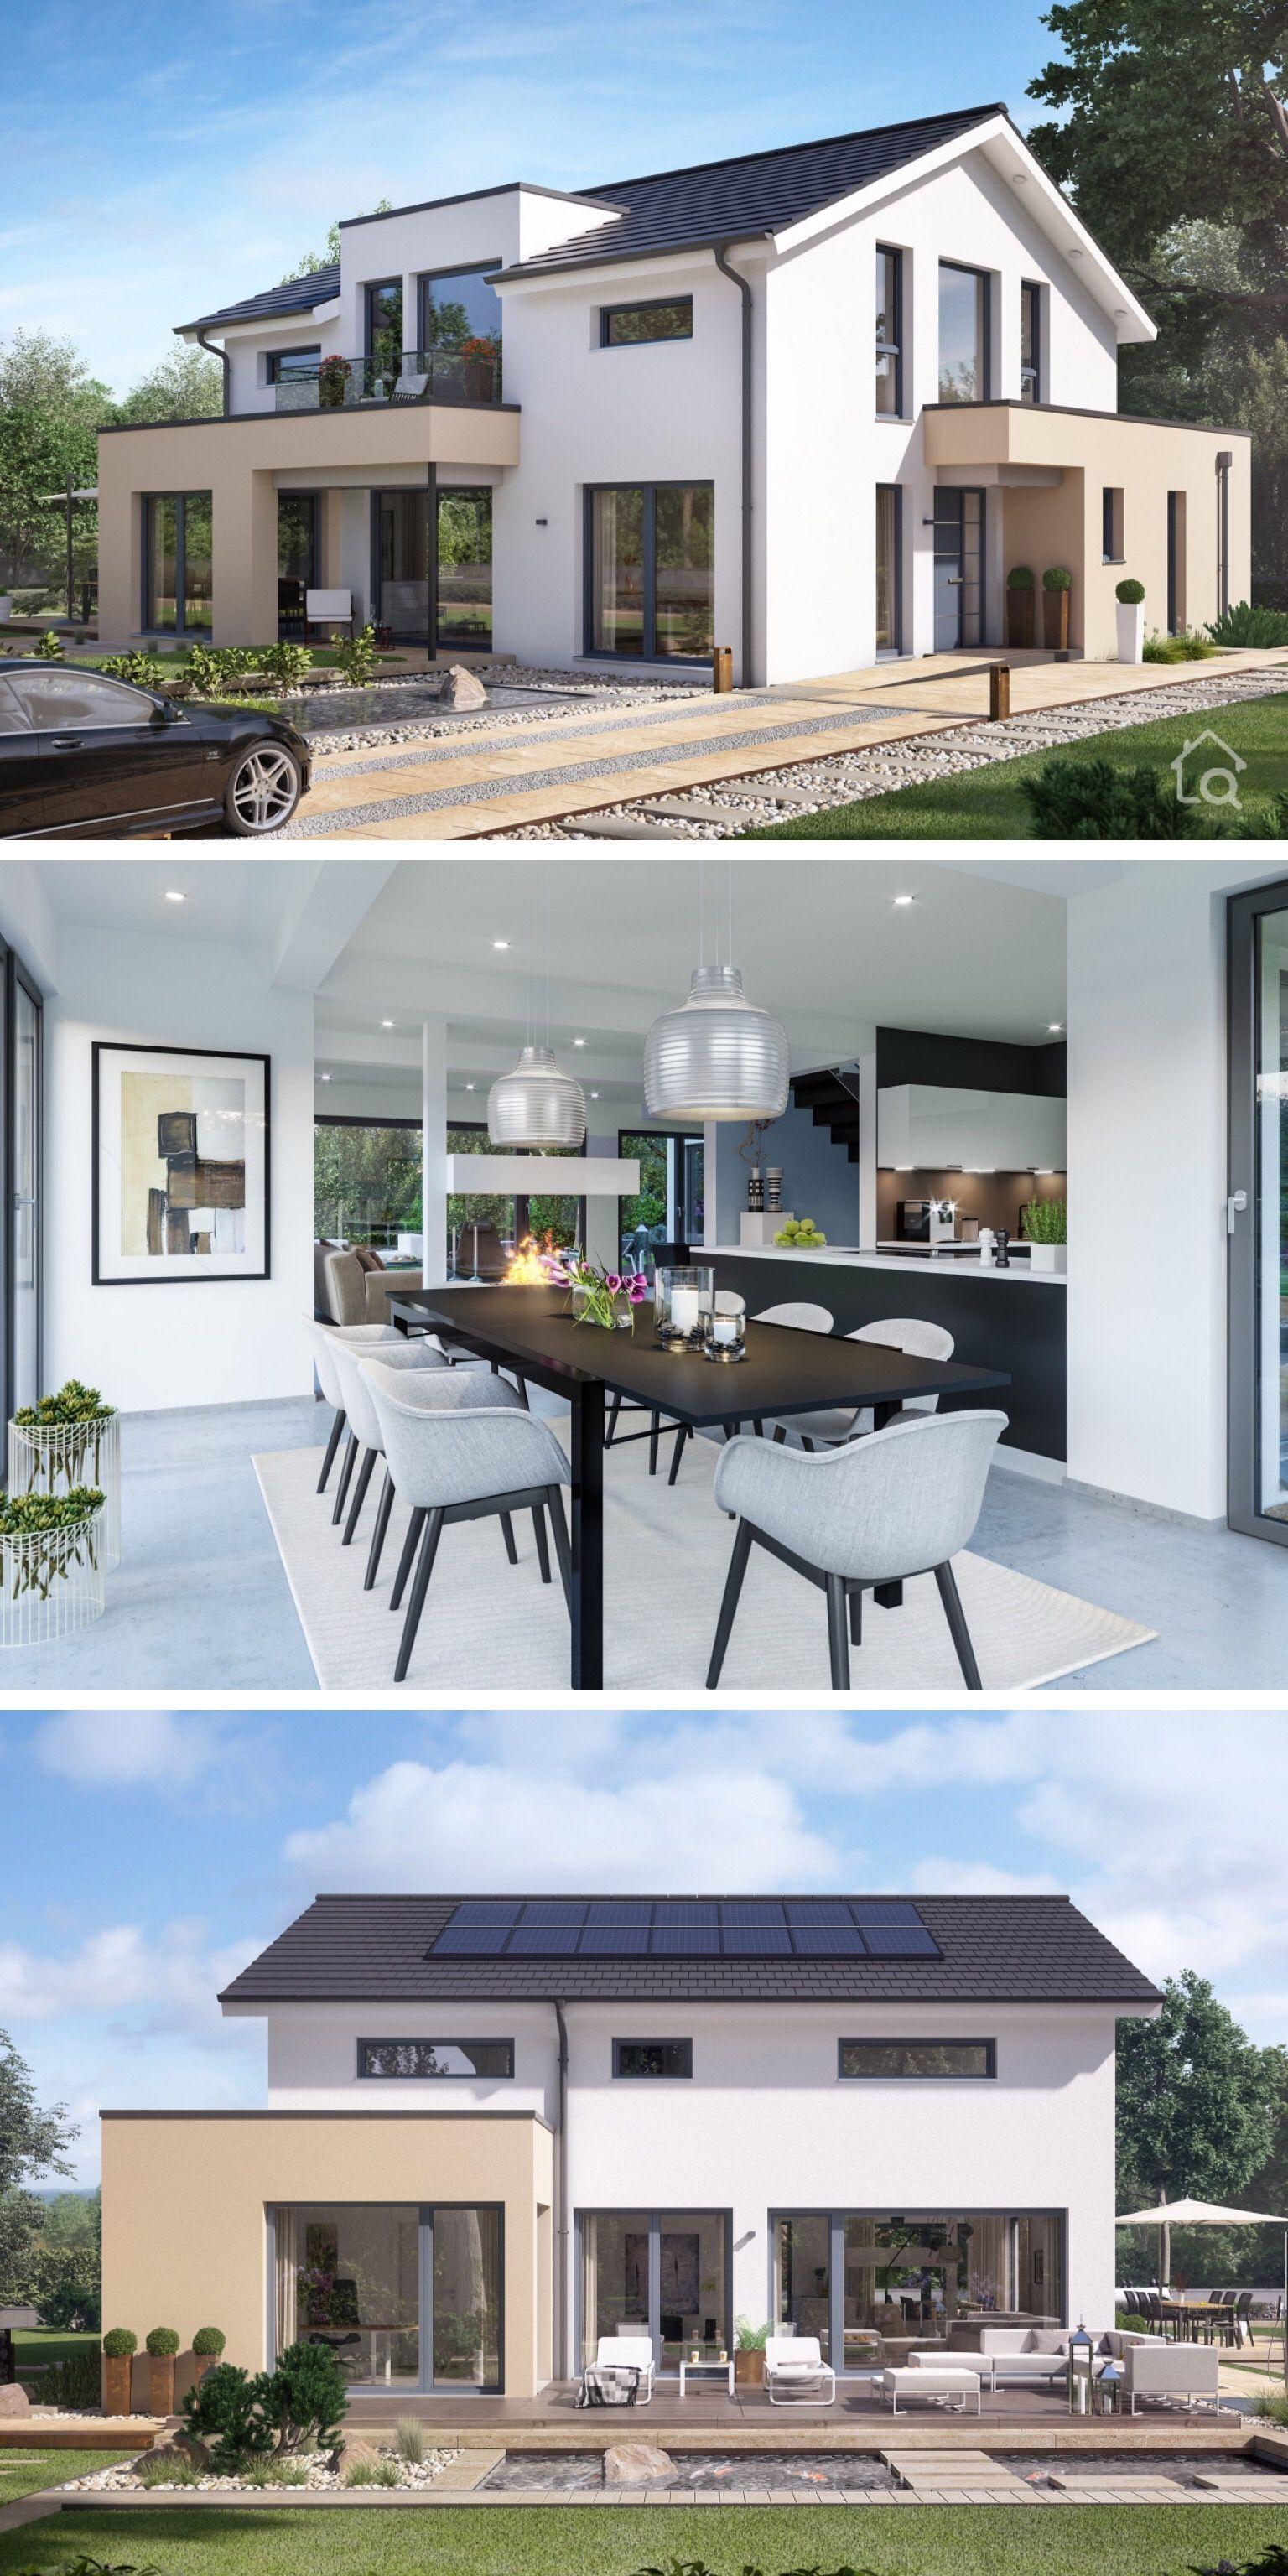 Einfamilienhaus Neubau Mit Satteldach Modernes Haus Design Innen Moderne Hauser Mit Satteldach Einfamilienhaus Bauen Haus Design